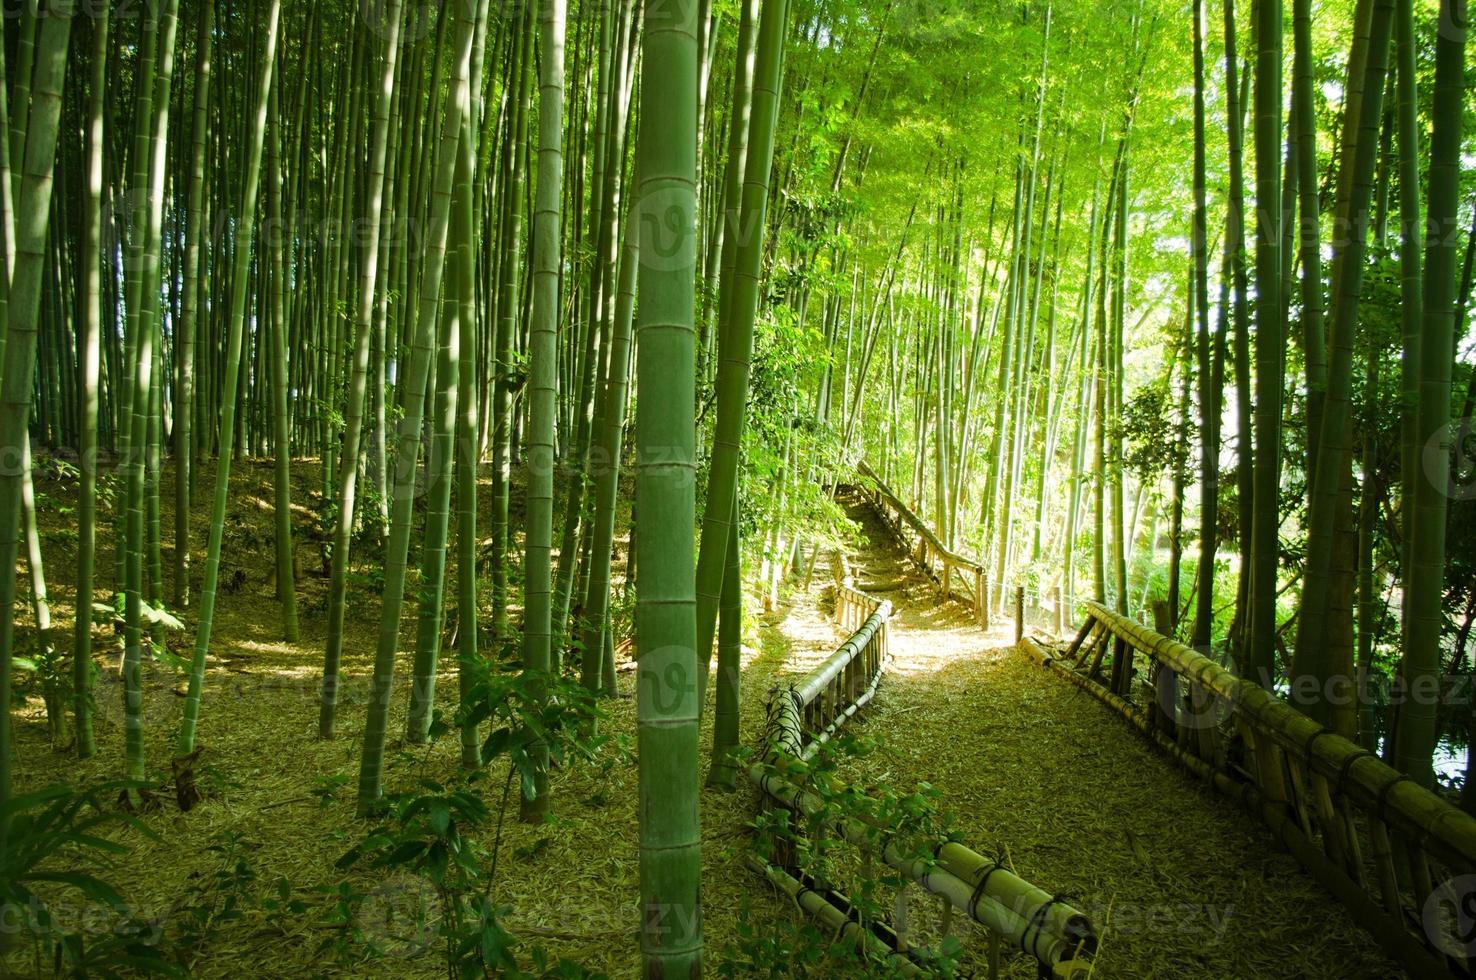 caminho da floresta de bambu foto